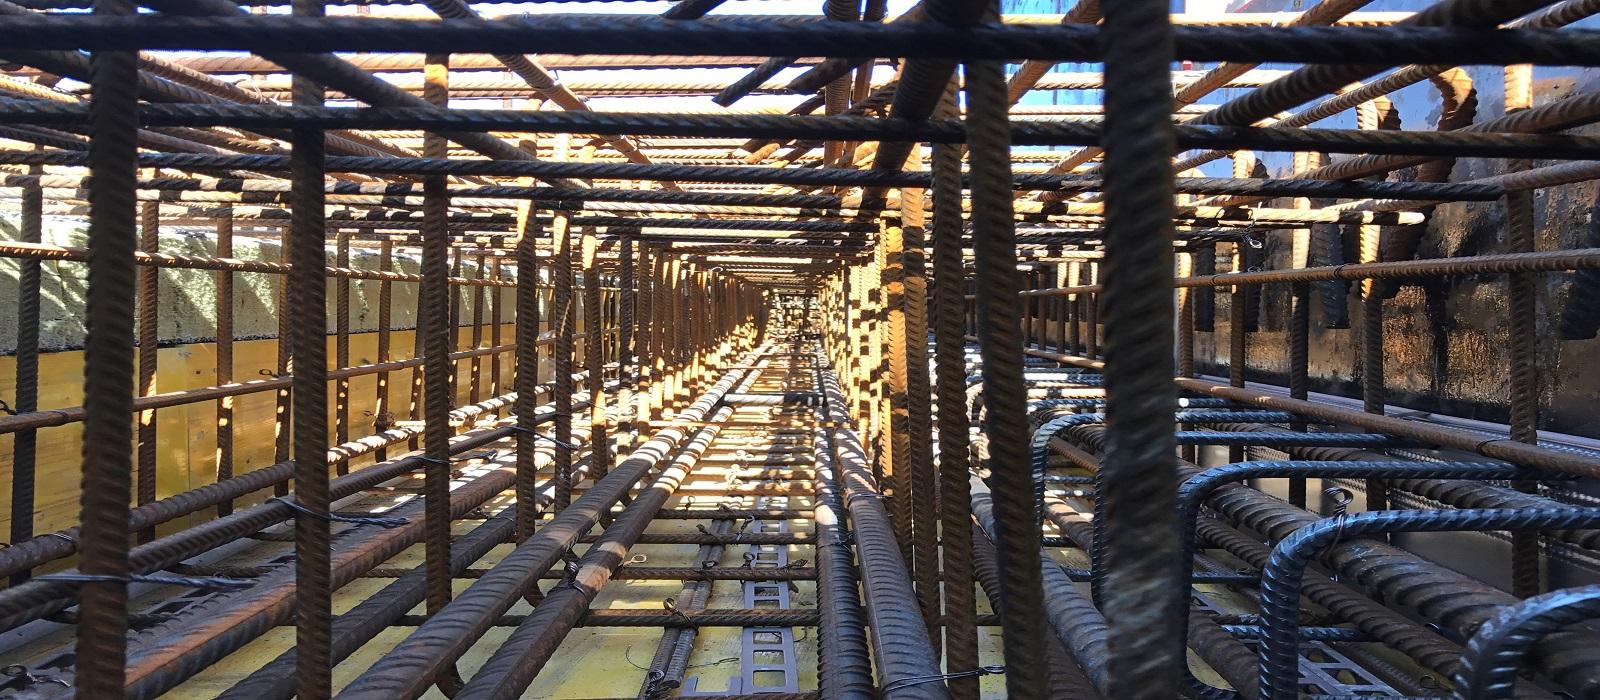 Structure en béton armé